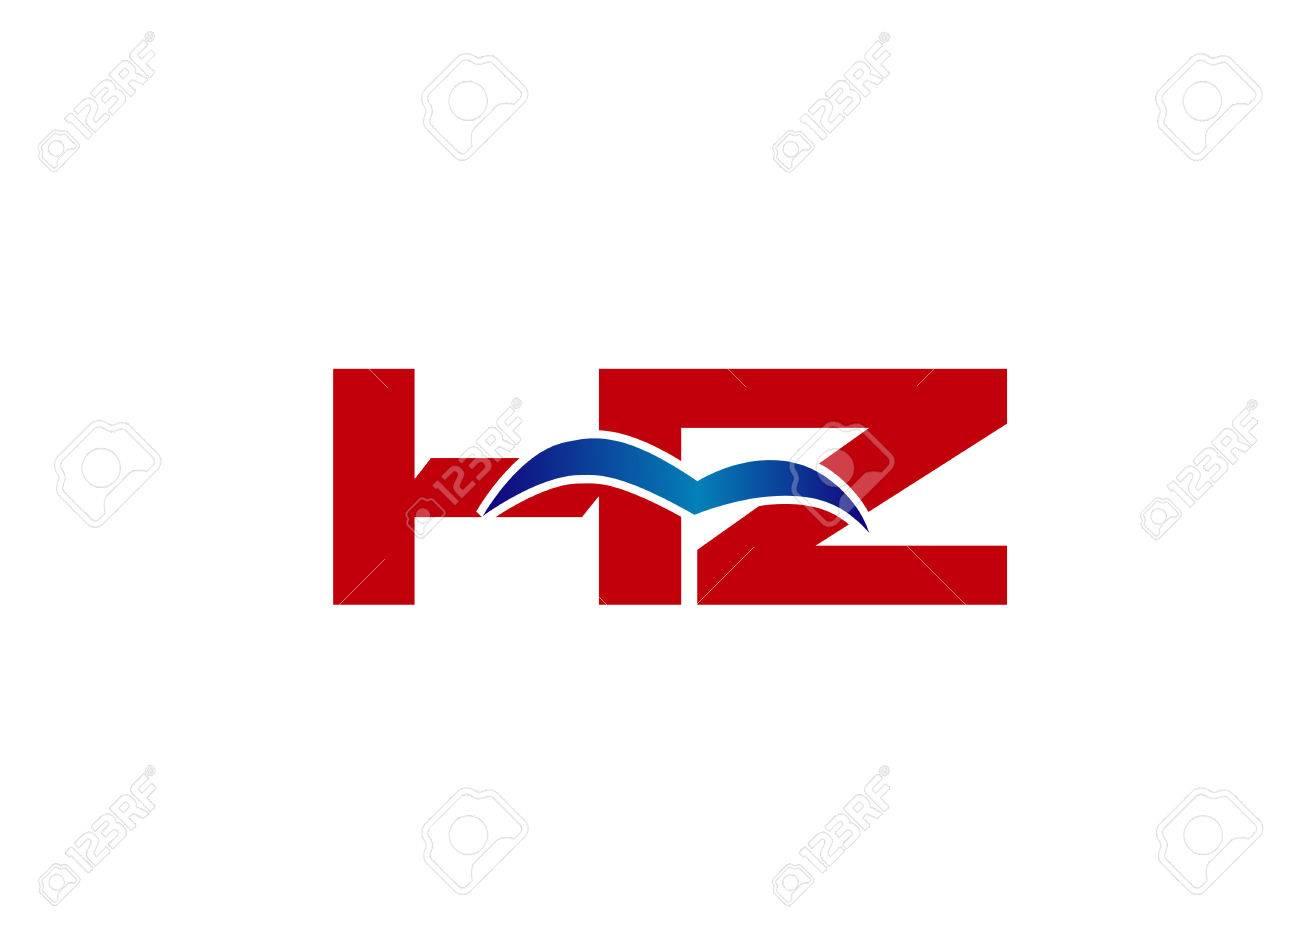 Logo HZ. Vector Graphic Element Letter Branding - 63382119